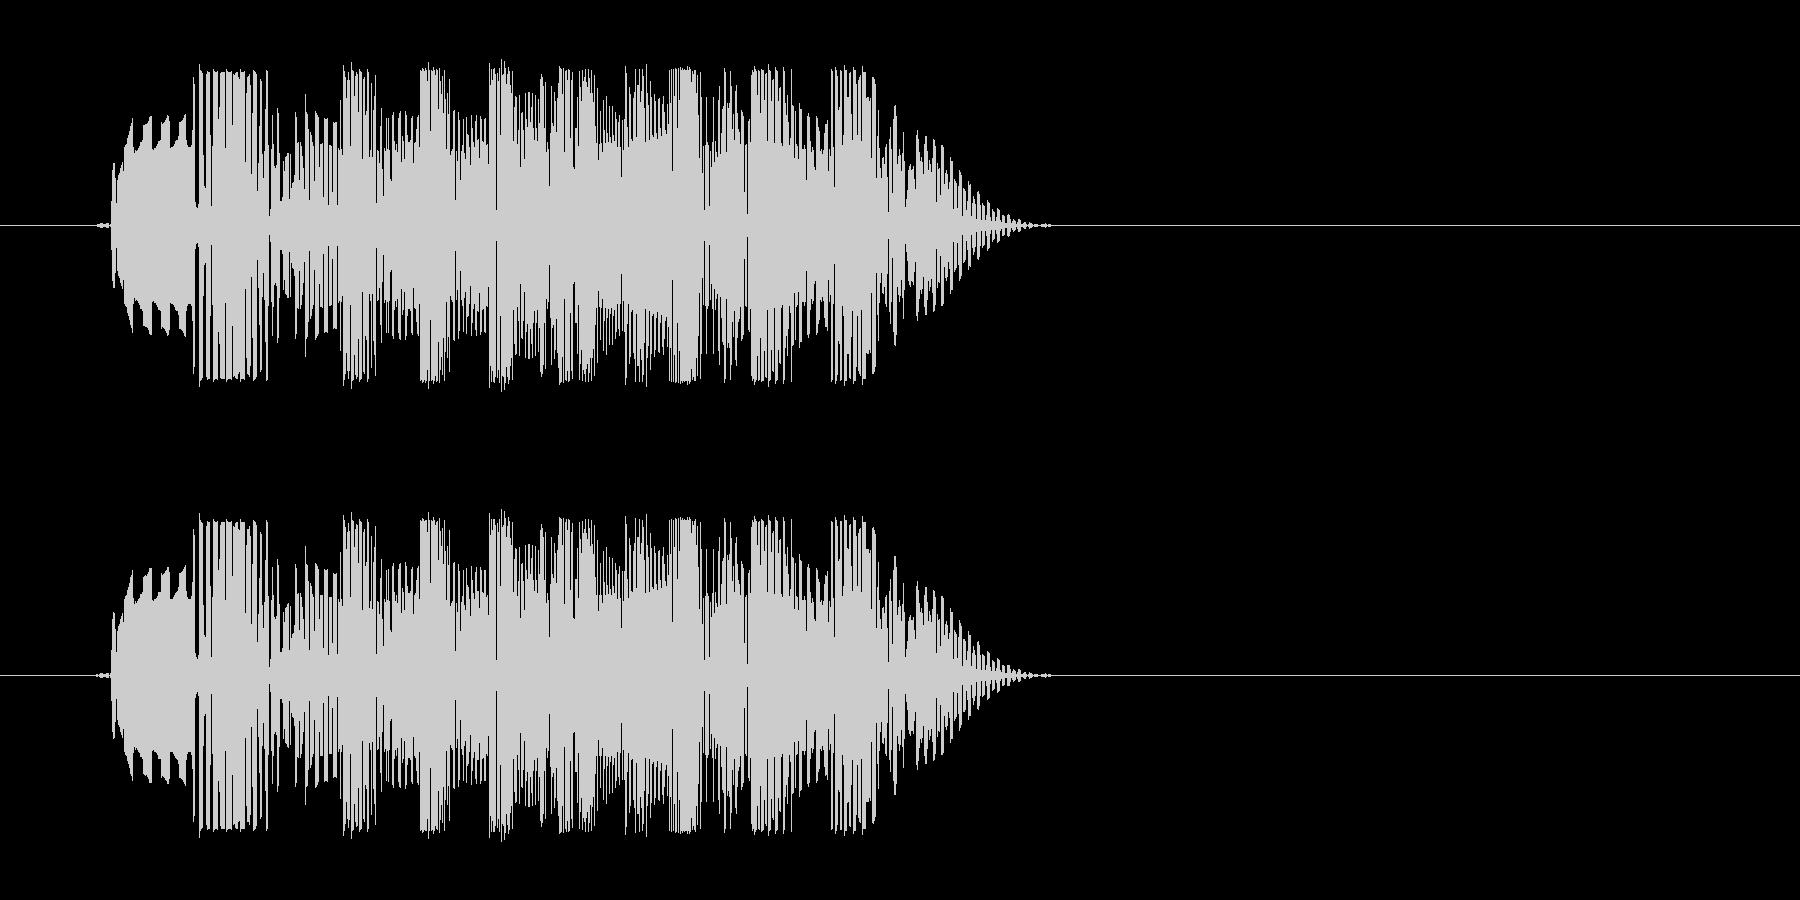 ユーモラスでかわいい効果音の未再生の波形